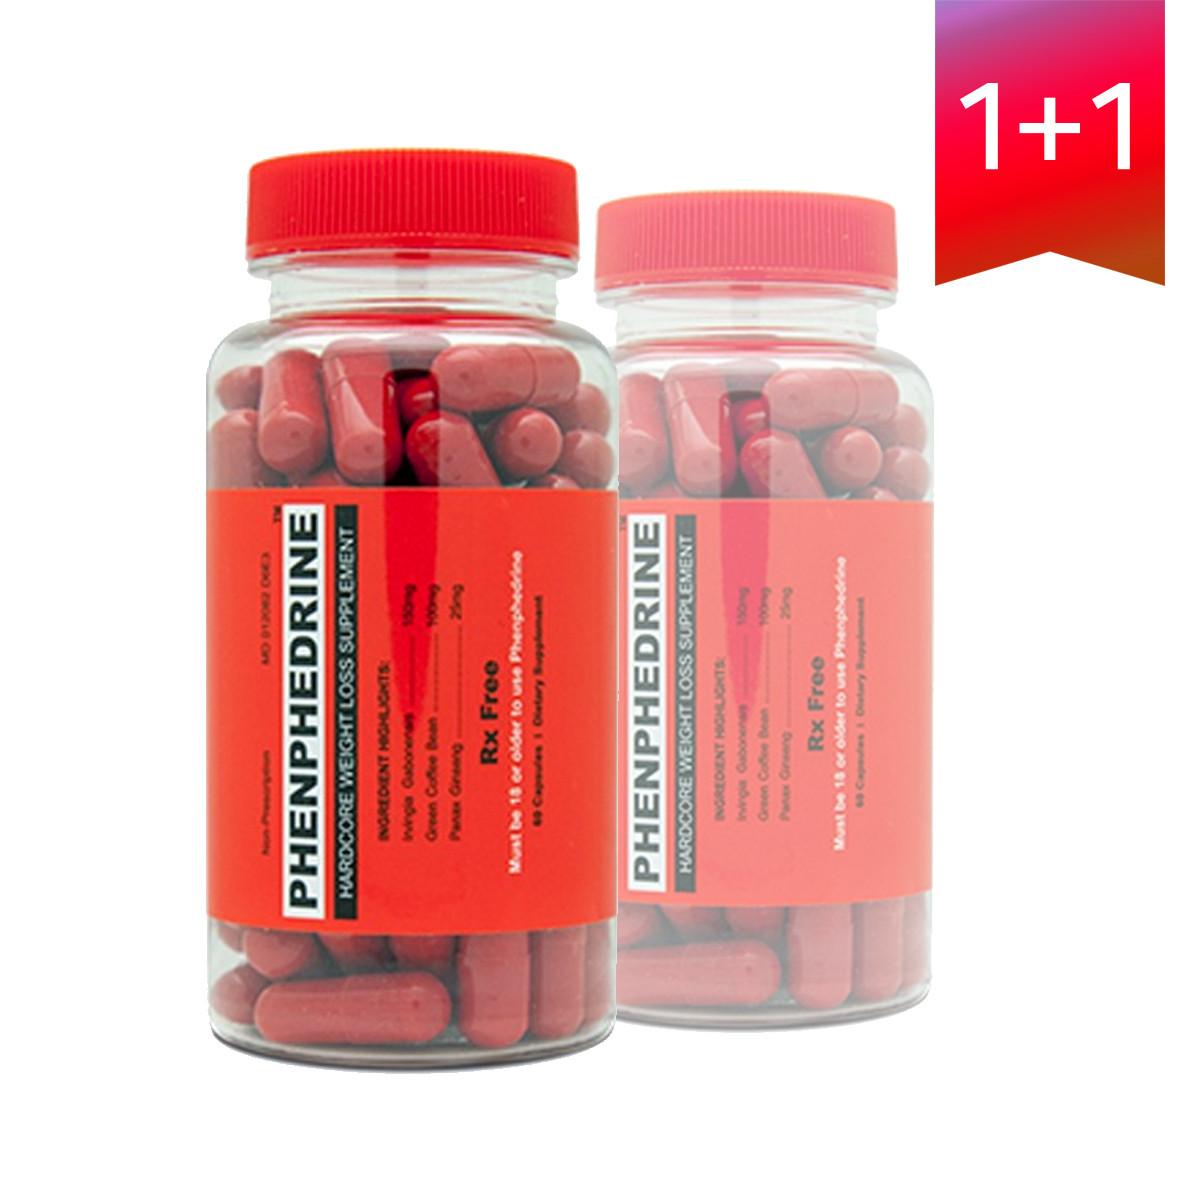 [골든패키지] 하드코어 다이어트약 펜페드린 1+1